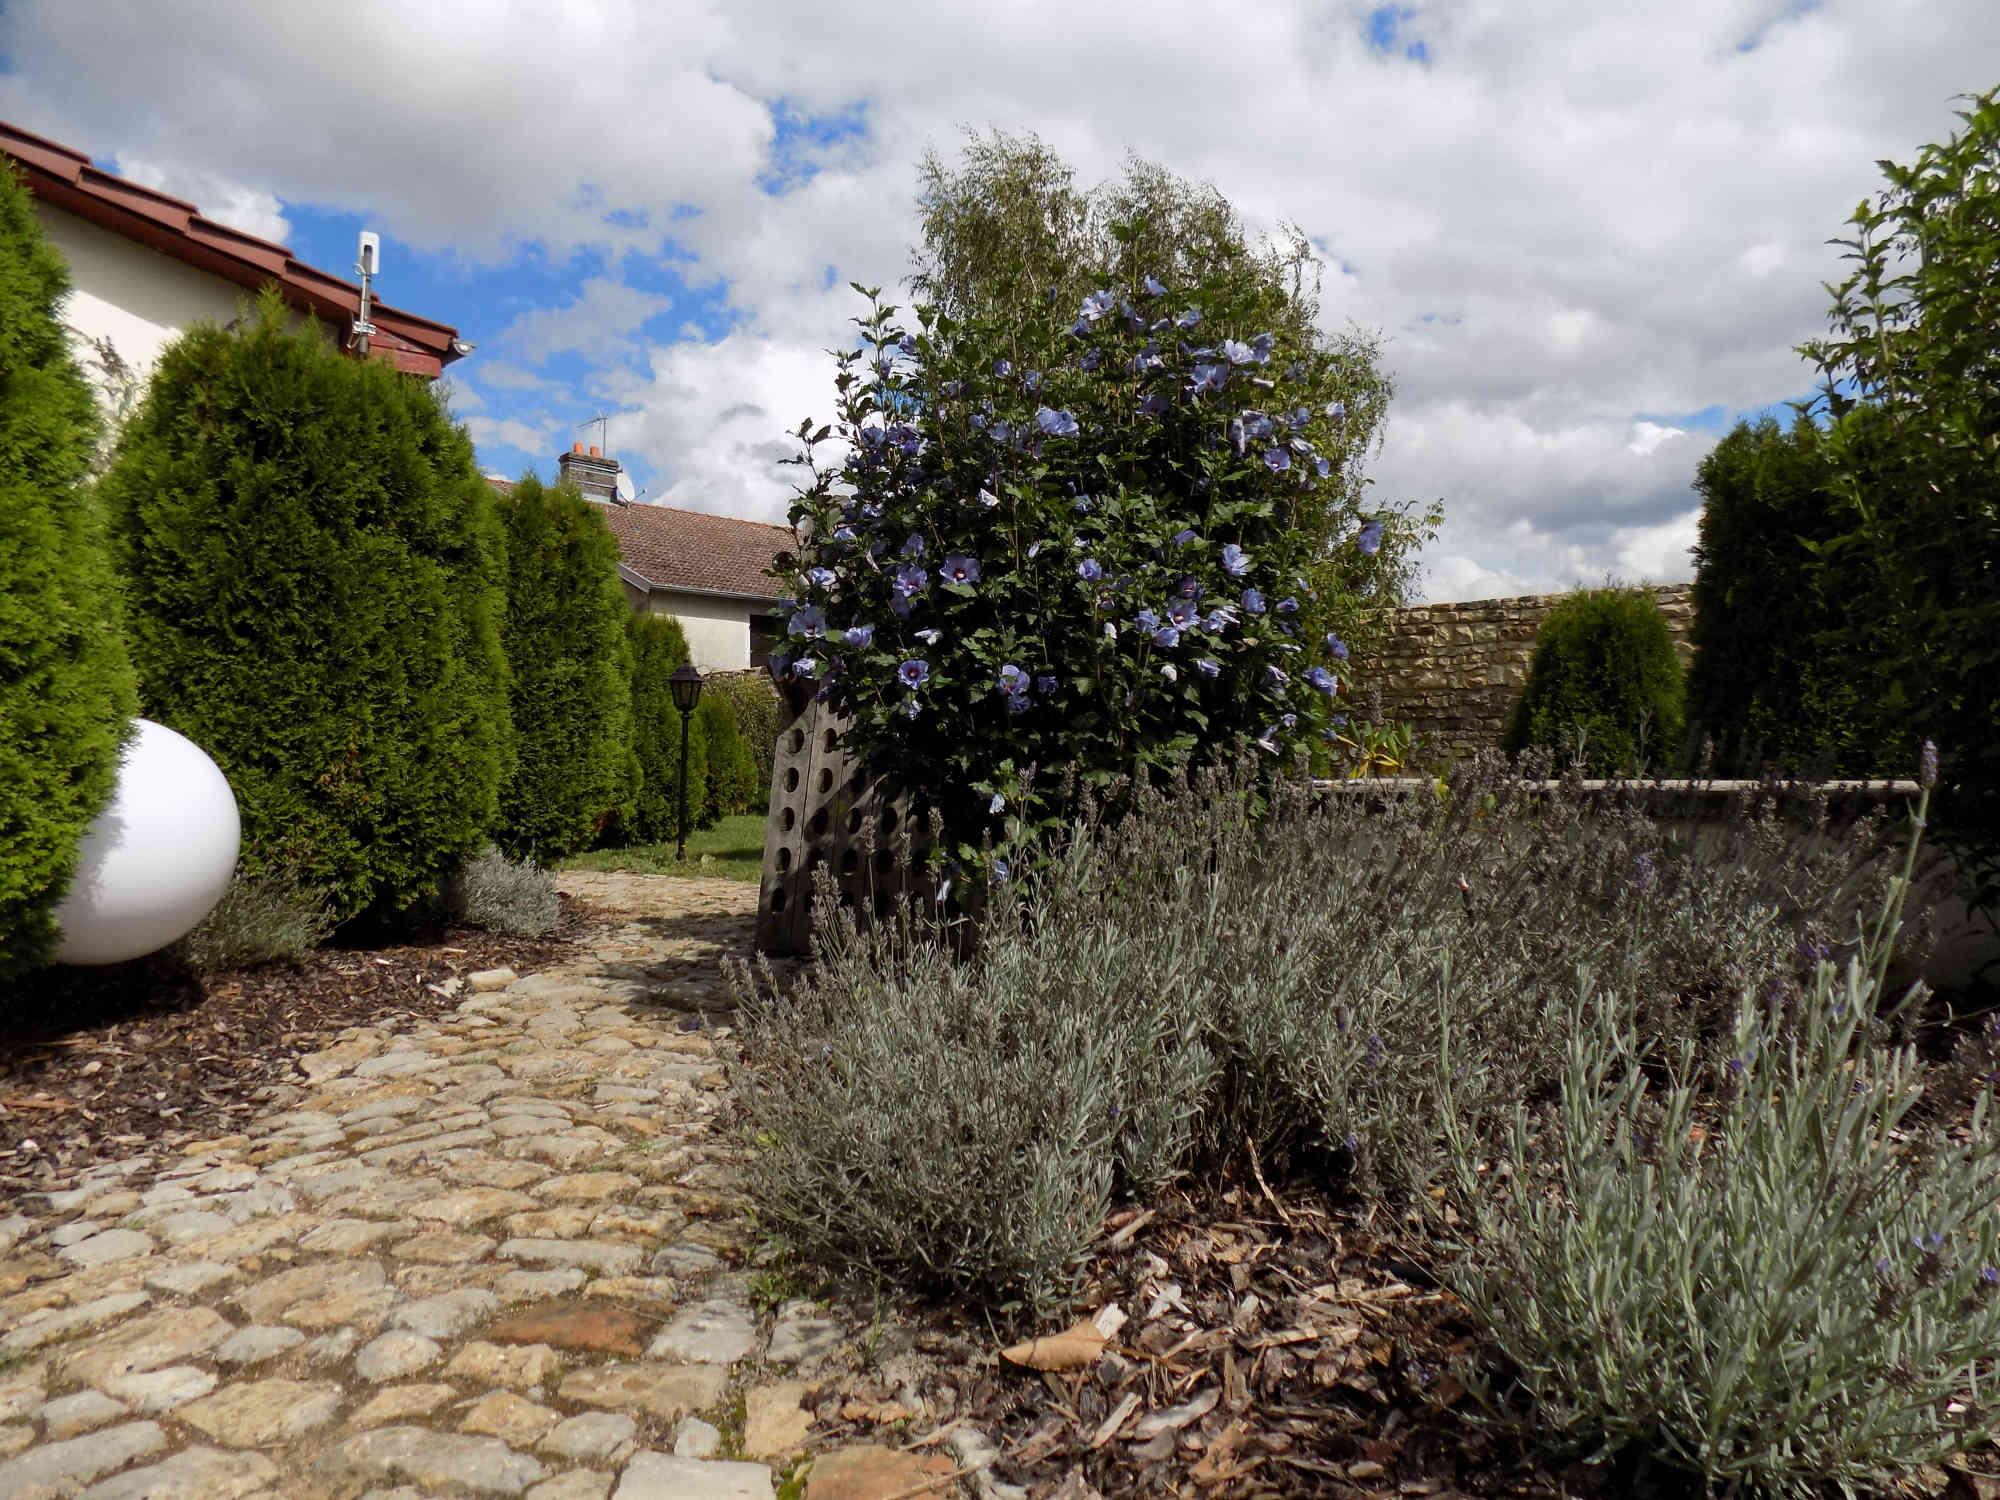 jgite avec spa nordique, jardin, gite pour deux, gite a Vitrey sur Mance, sejour romantique